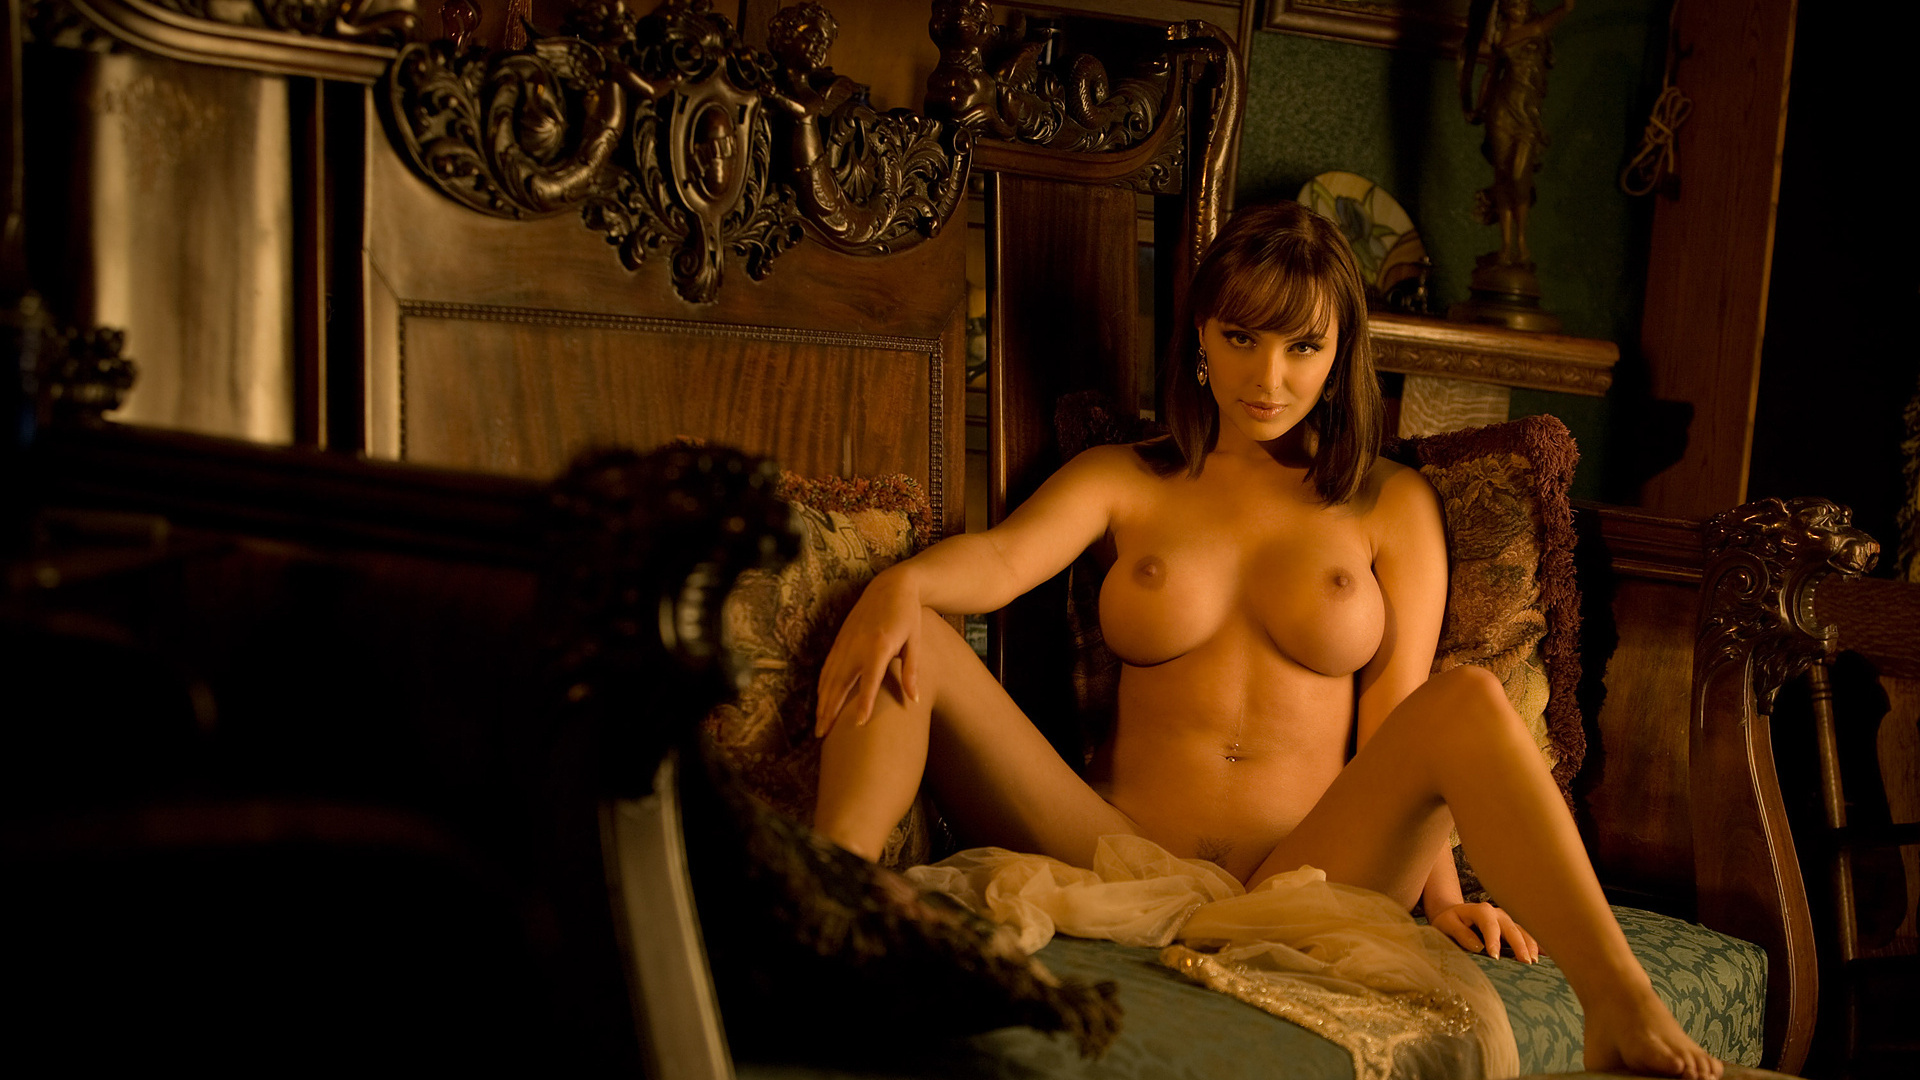 Элитные женщины эротика фильмы, прозрачные платья фото видео сиськи